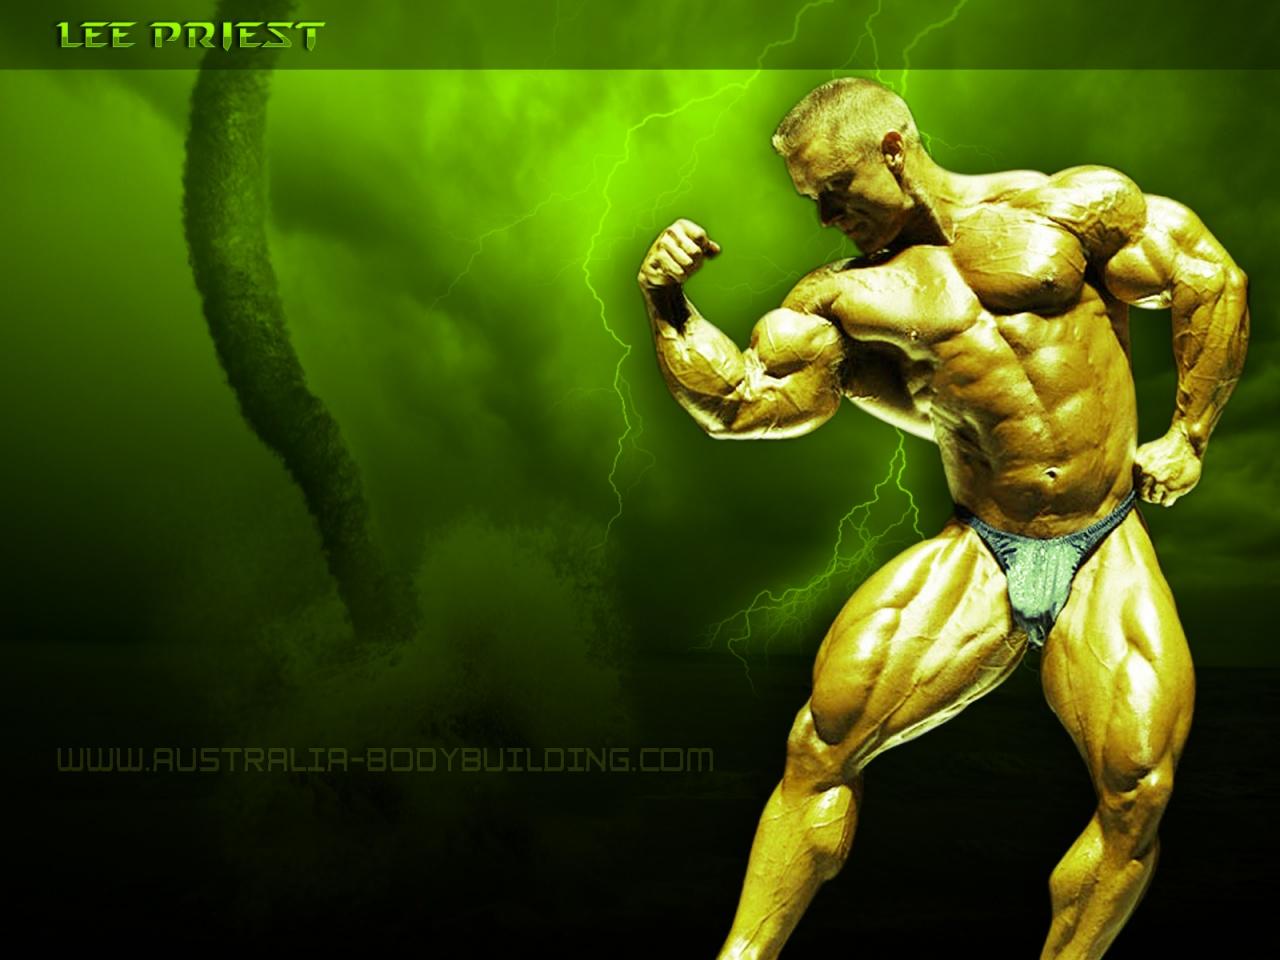 Desktop Wallpapers Best Of Bodybuilding Fitness 1280x960